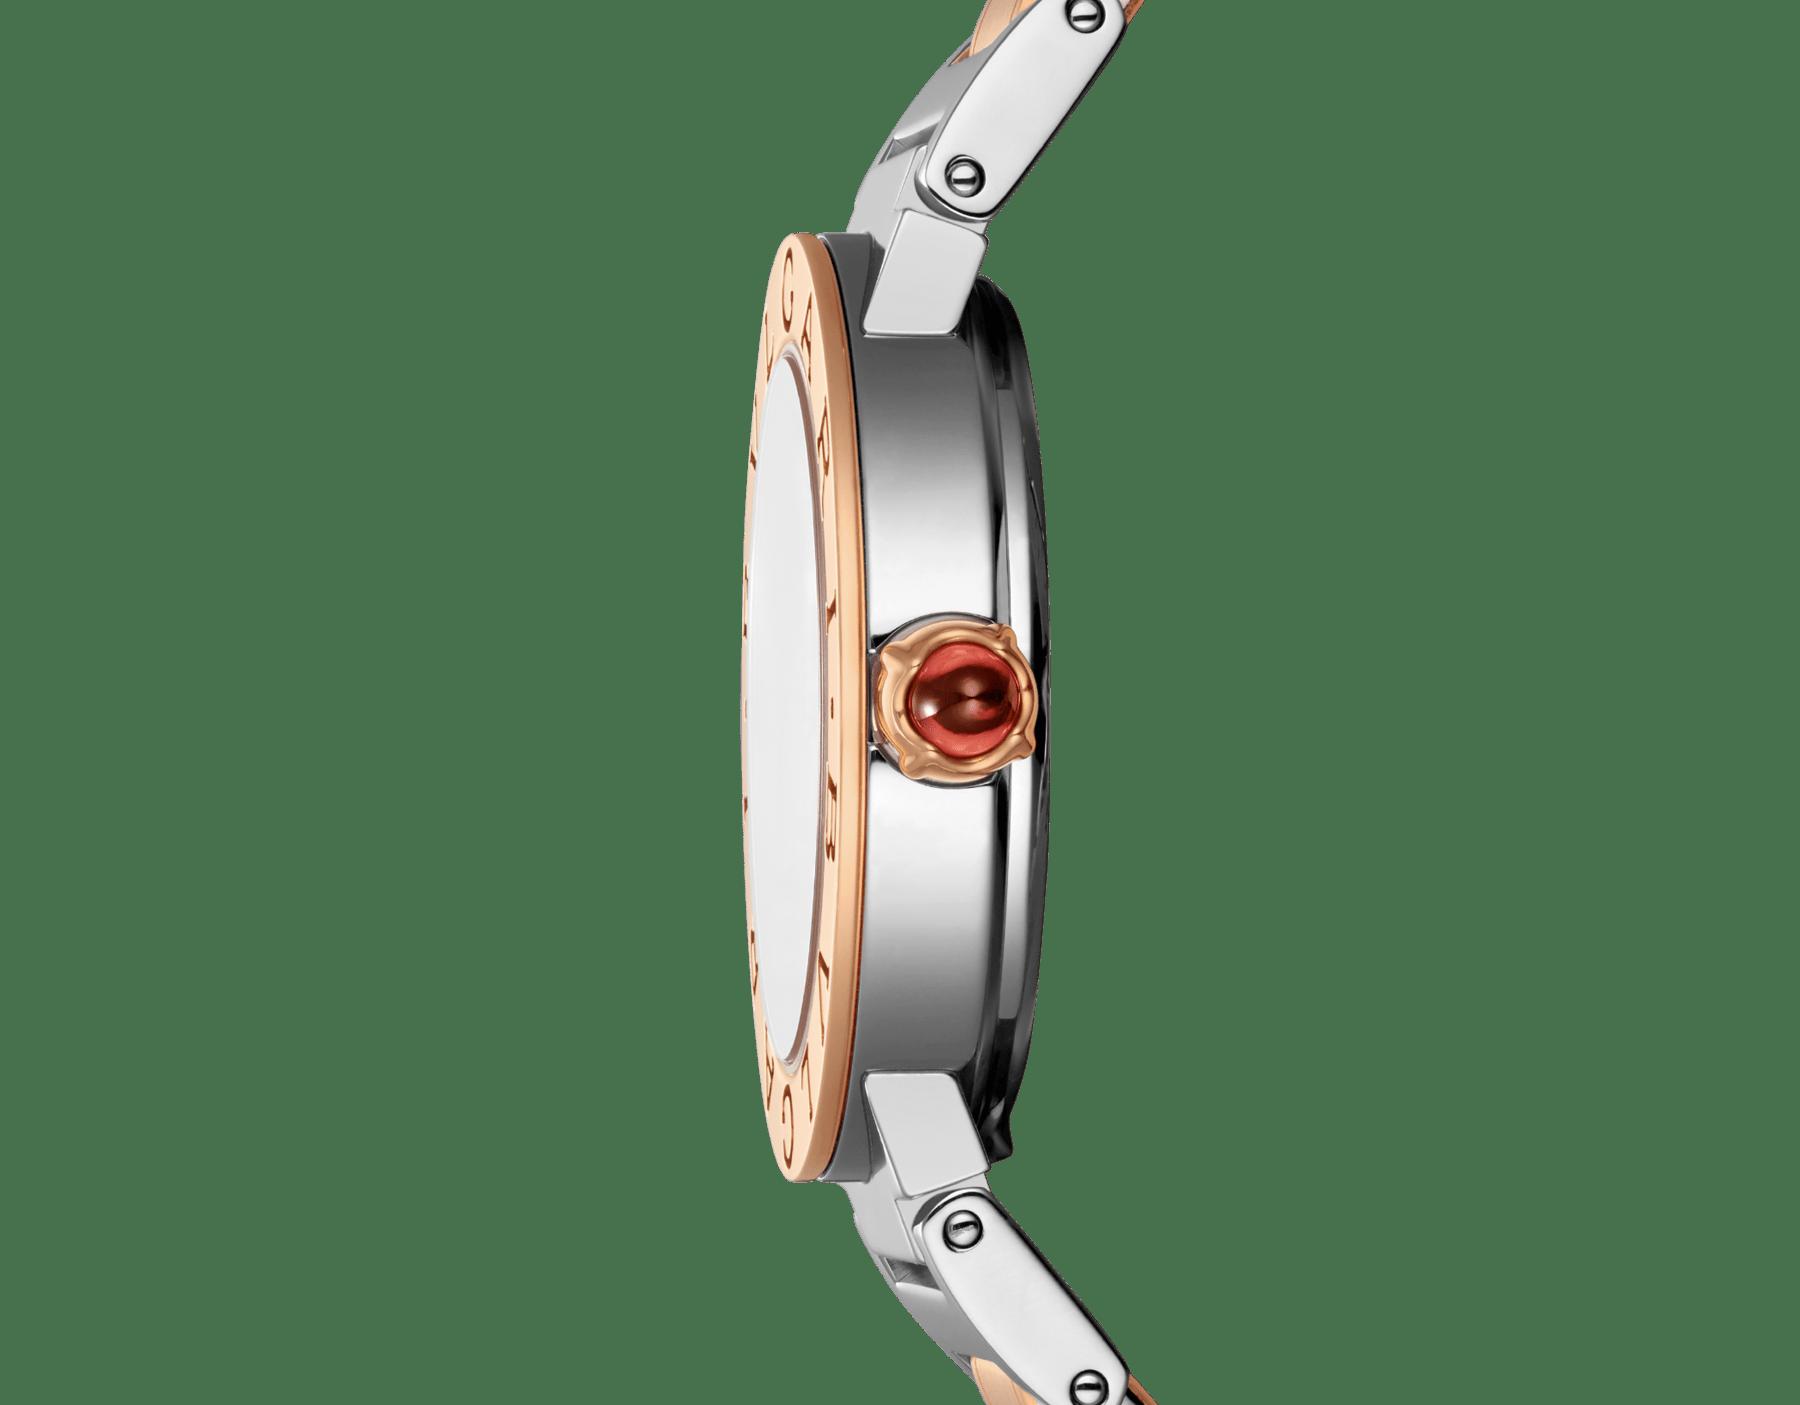 Montre BVLGARI BVLGARI avec boîtier et bracelet en or rose 18K et acier inoxydable, cadran laqué brun soleil et index sertis de diamants. Petit modèle. 102155 image 3